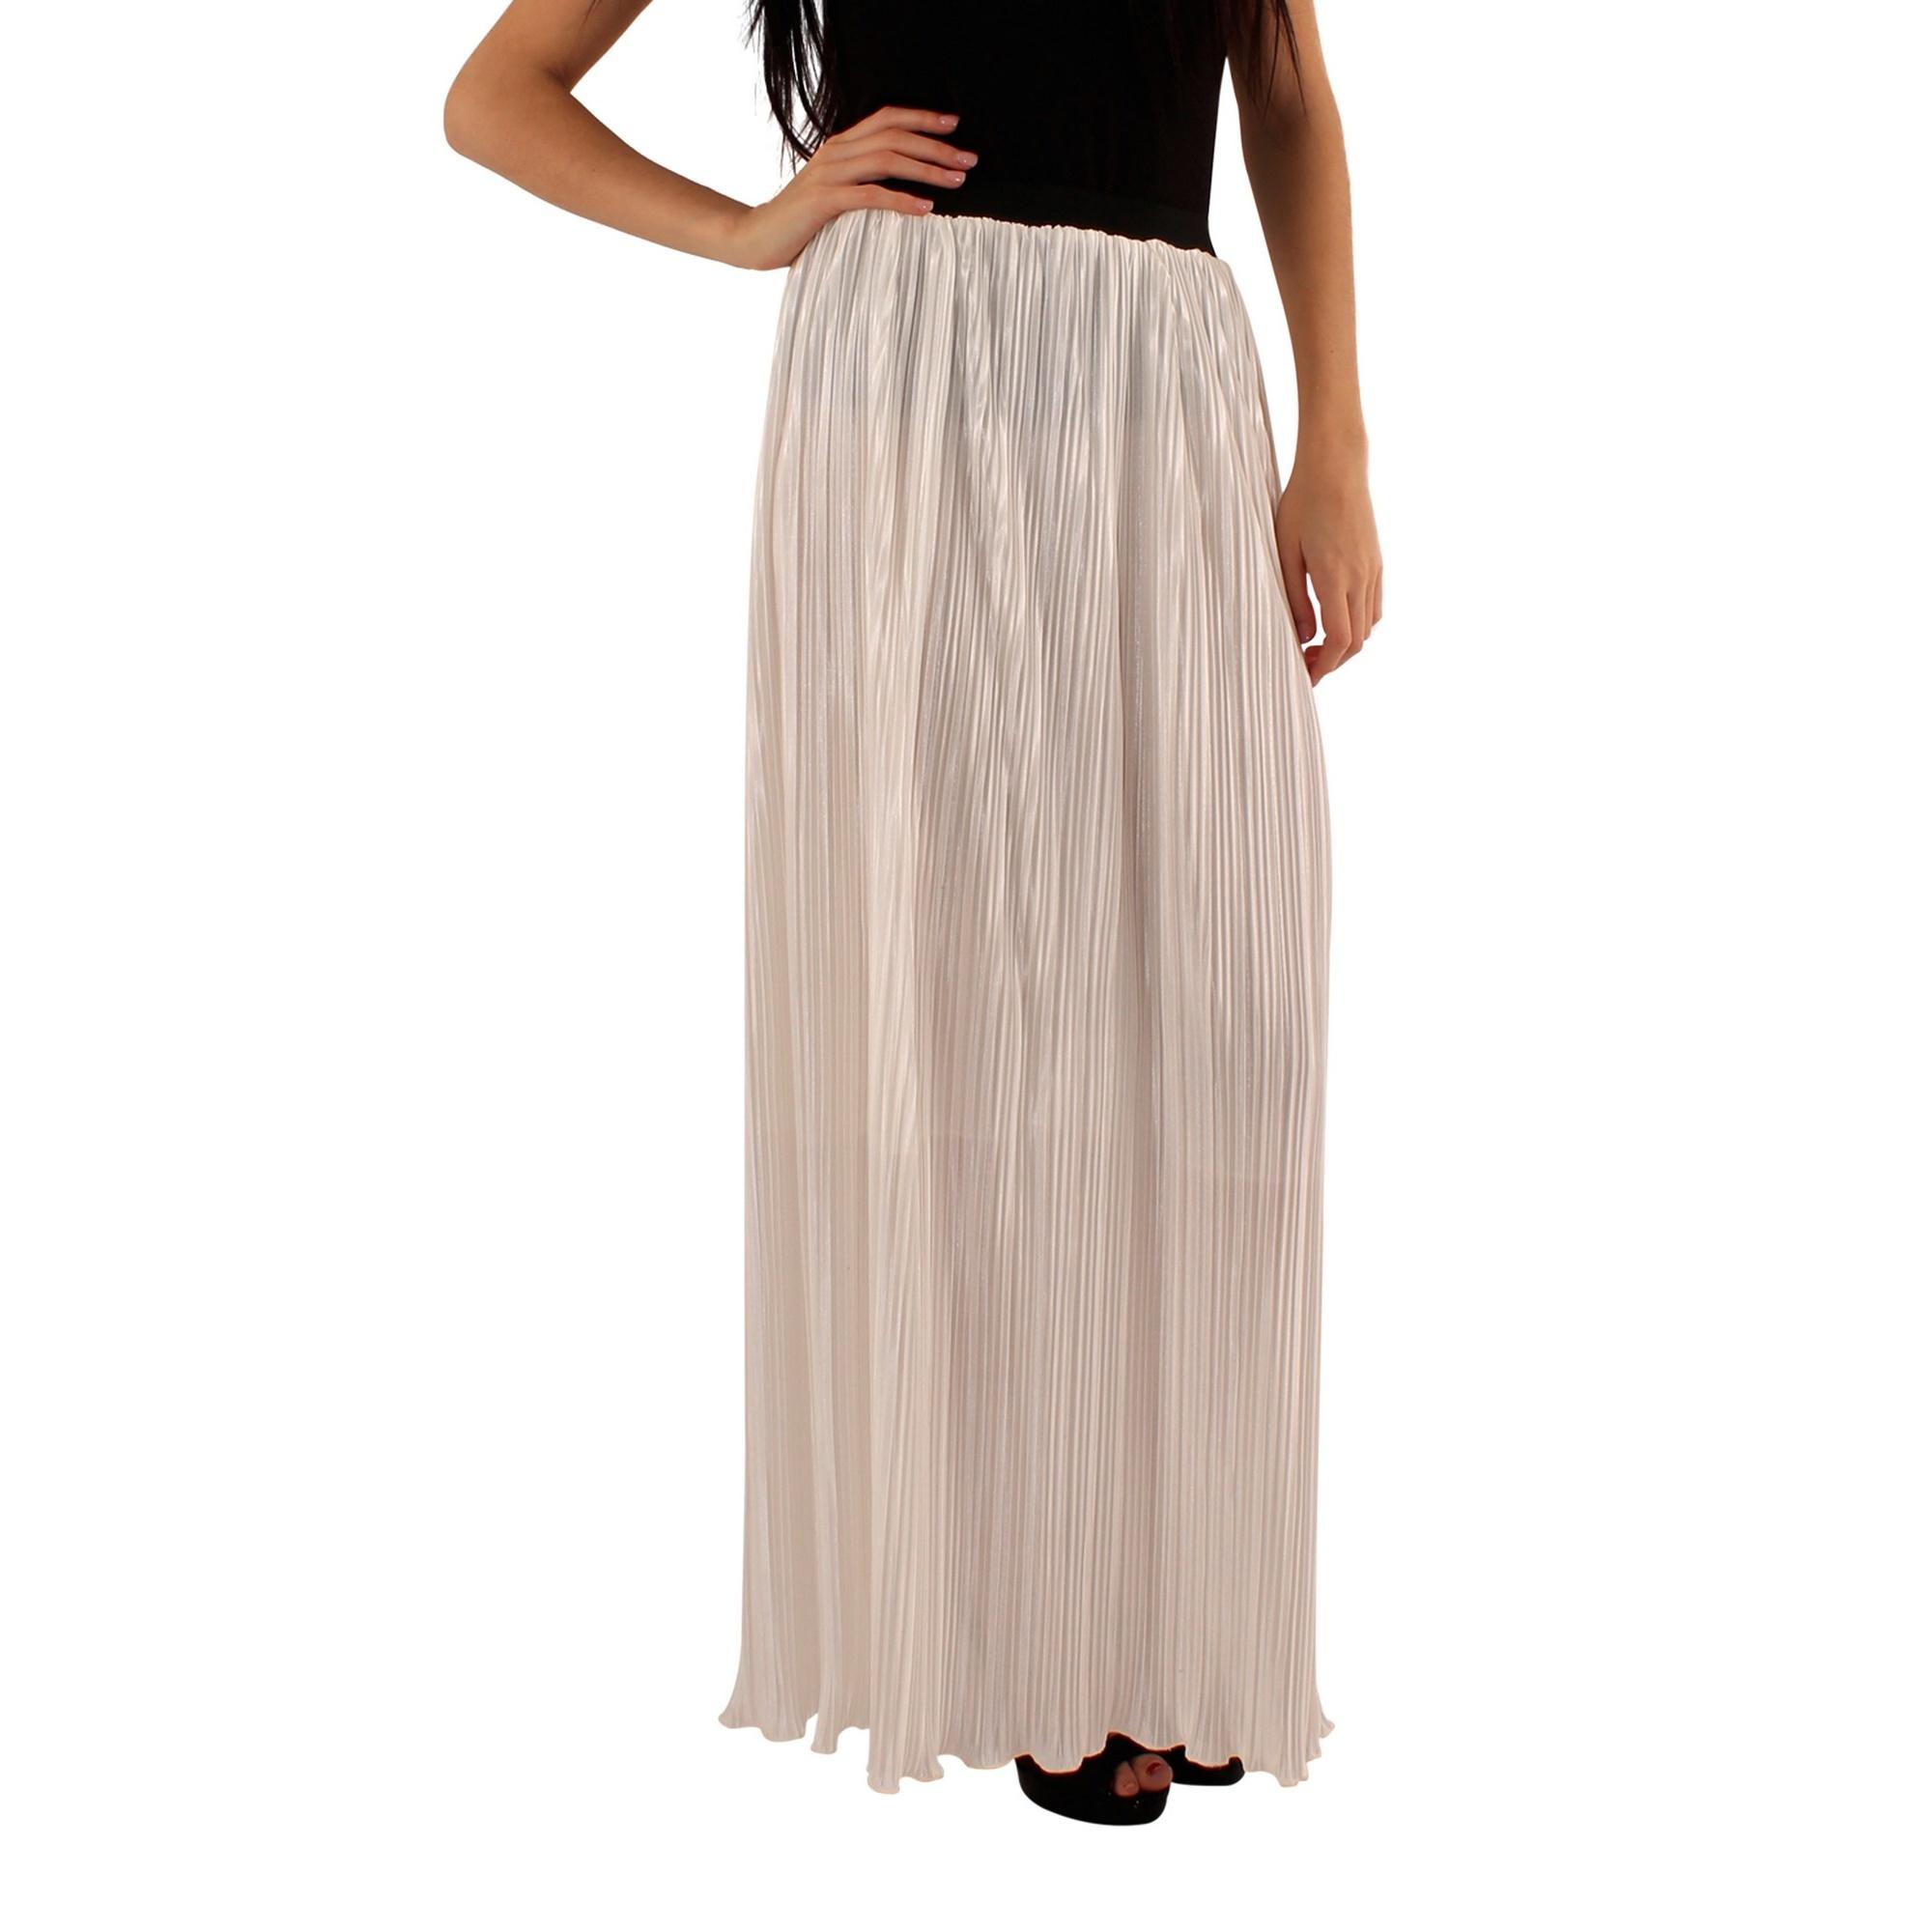 Lili London Womens/Ladies Amalia Pleated Maxi Skirt (S/M) (Cream)